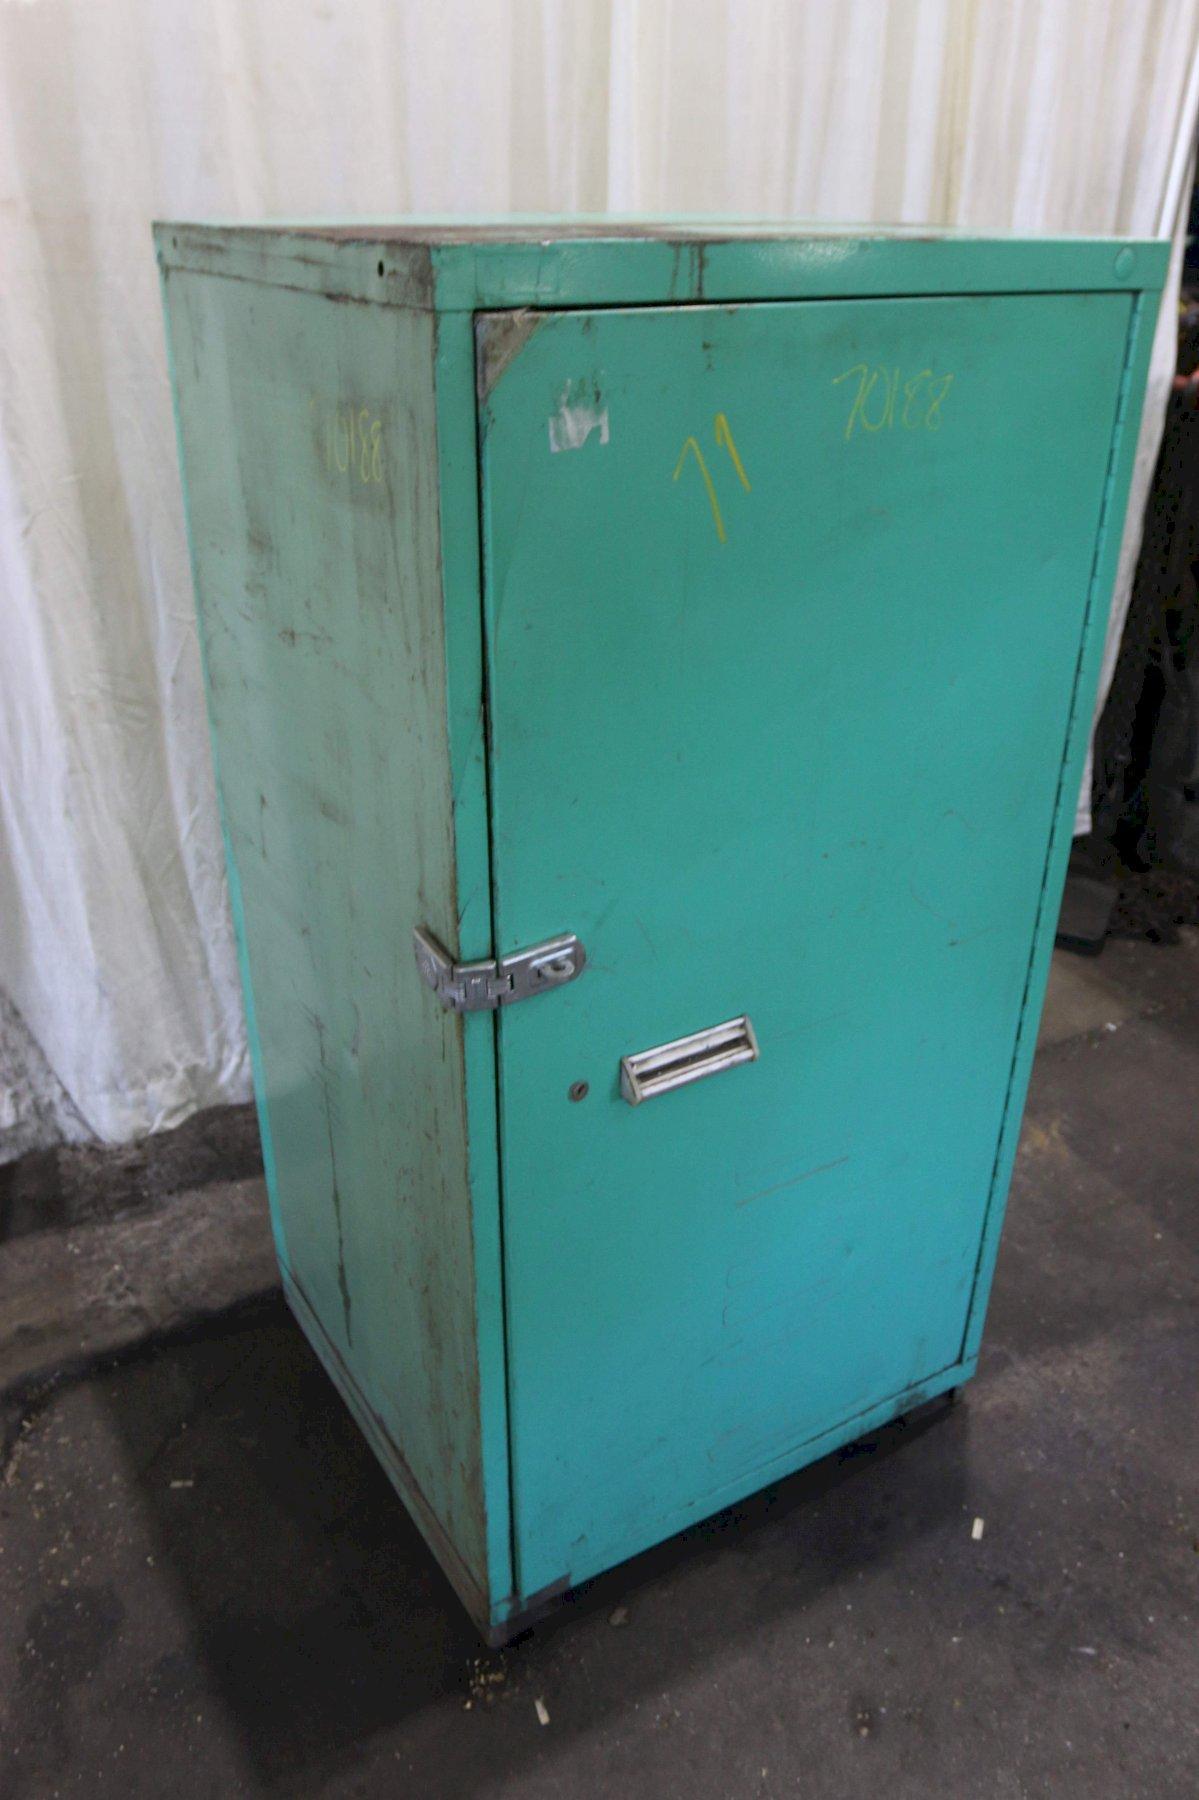 VIDMAR SINGLE DOOR ADJUSTABLE SHELF TYPE CABINET: STOCK #70188